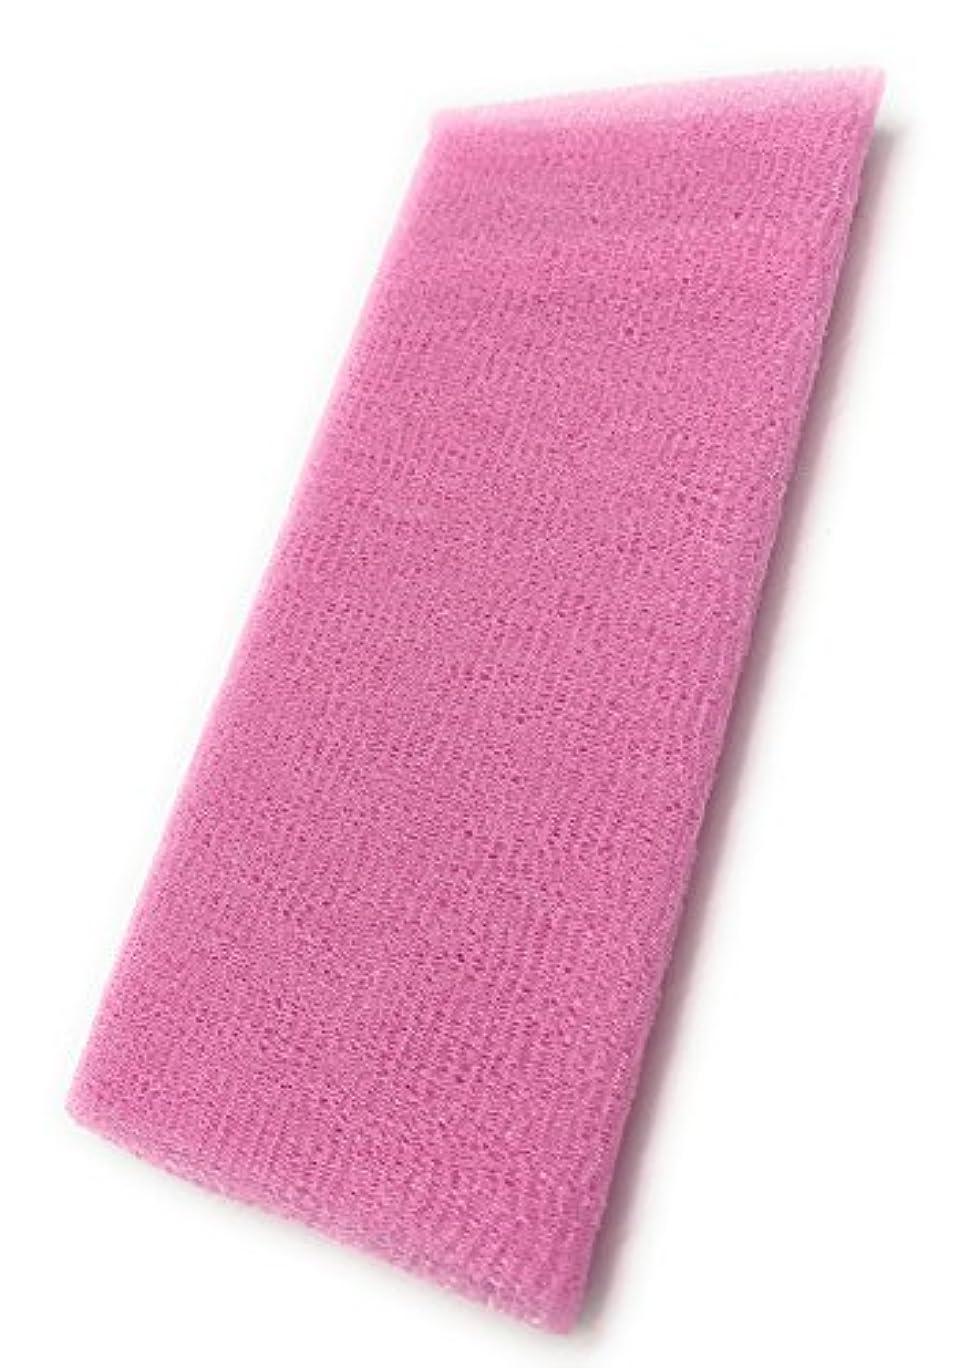 名目上の穀物特許Maltose あかすりタオル ロング ボディタオル 体洗いタオル やわらか 泡立ち 背中 風呂用 メンズ 垢すり (ピンク)